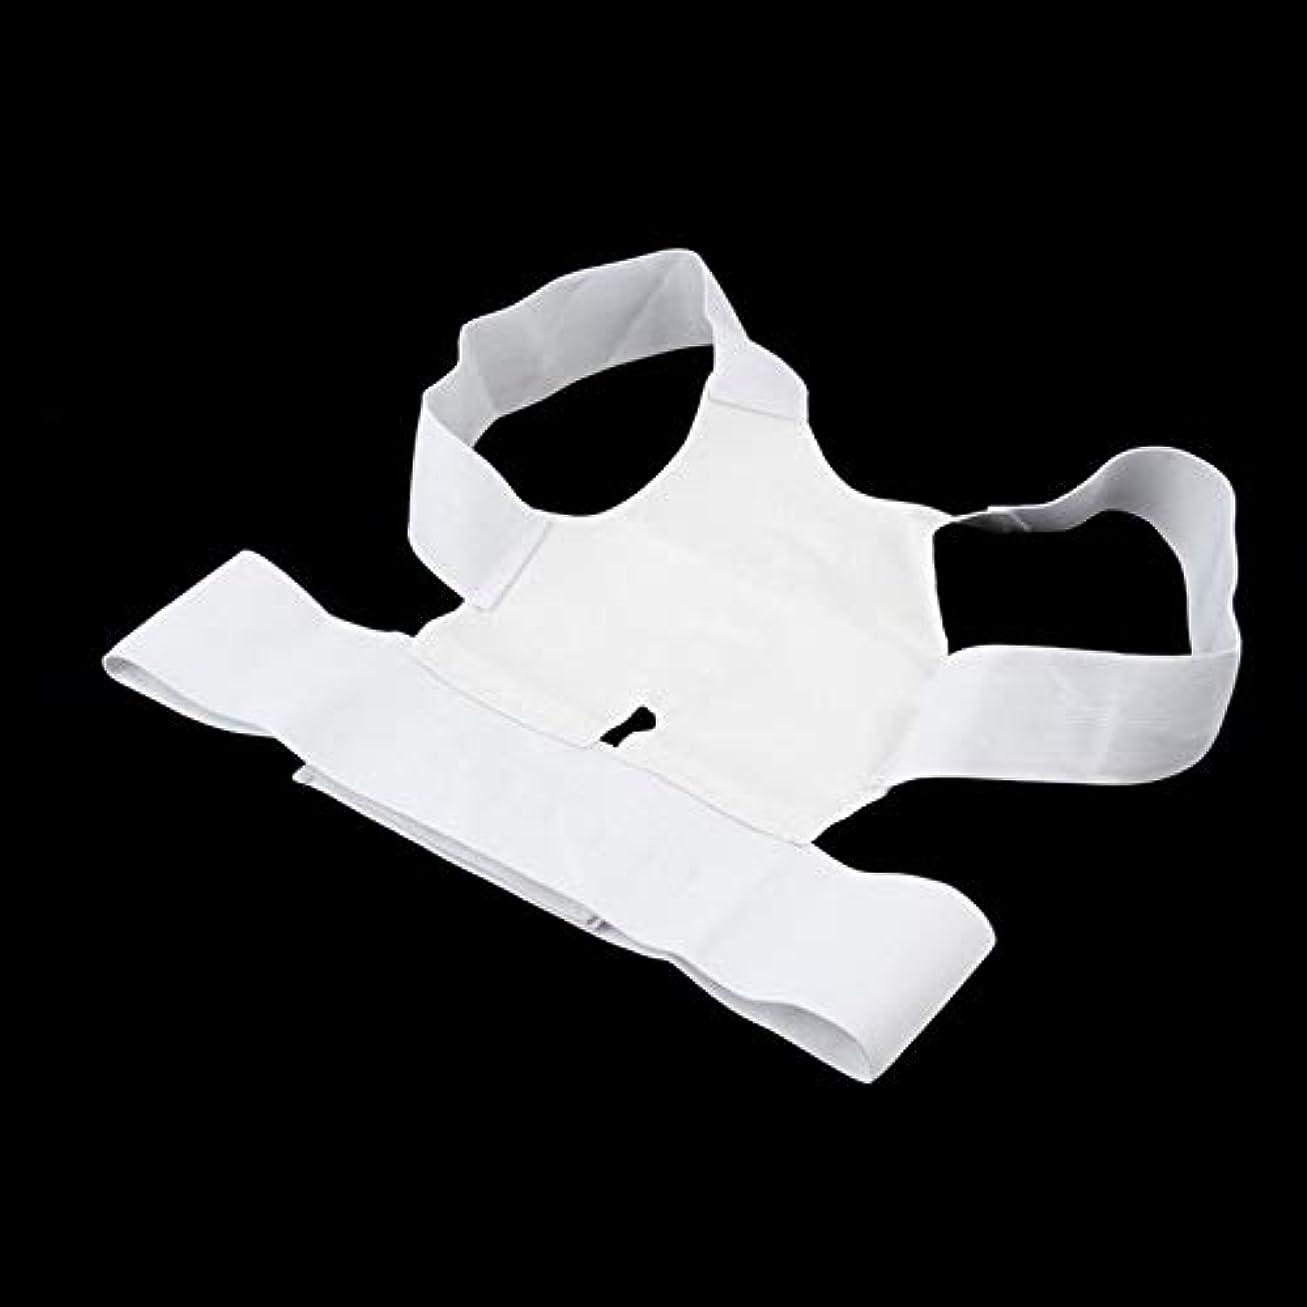 純粋にコントラスト仕立て屋病気から白い快適な磁気姿勢サポートコレクター腰痛ベルトブレース肩リリース痛み